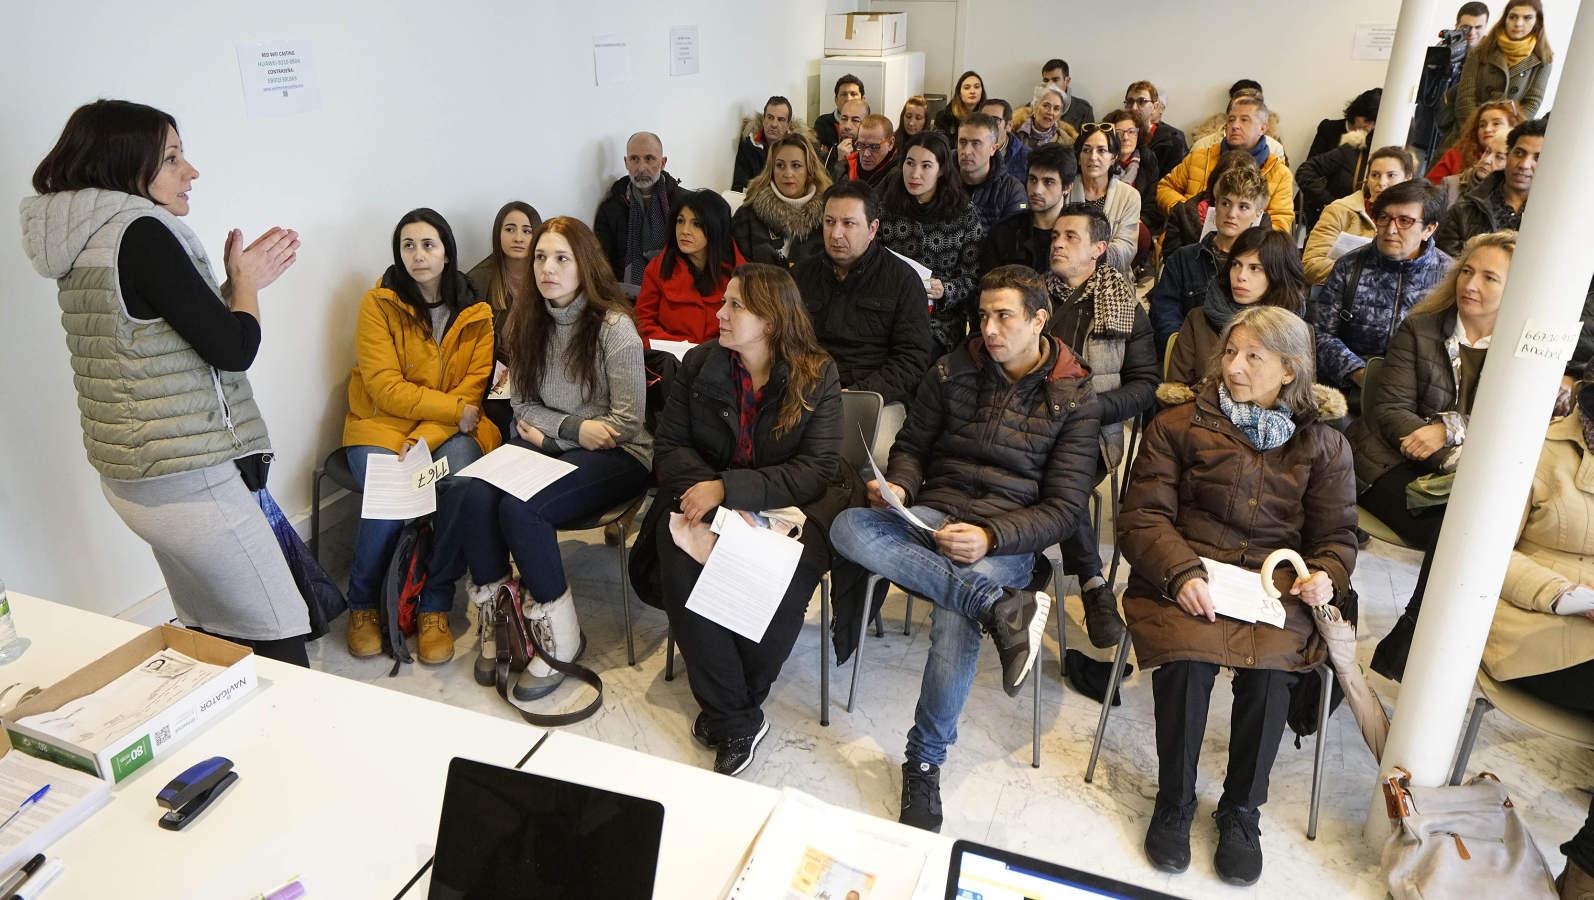 Éxito del casting de 'Patria' en San Sebastián